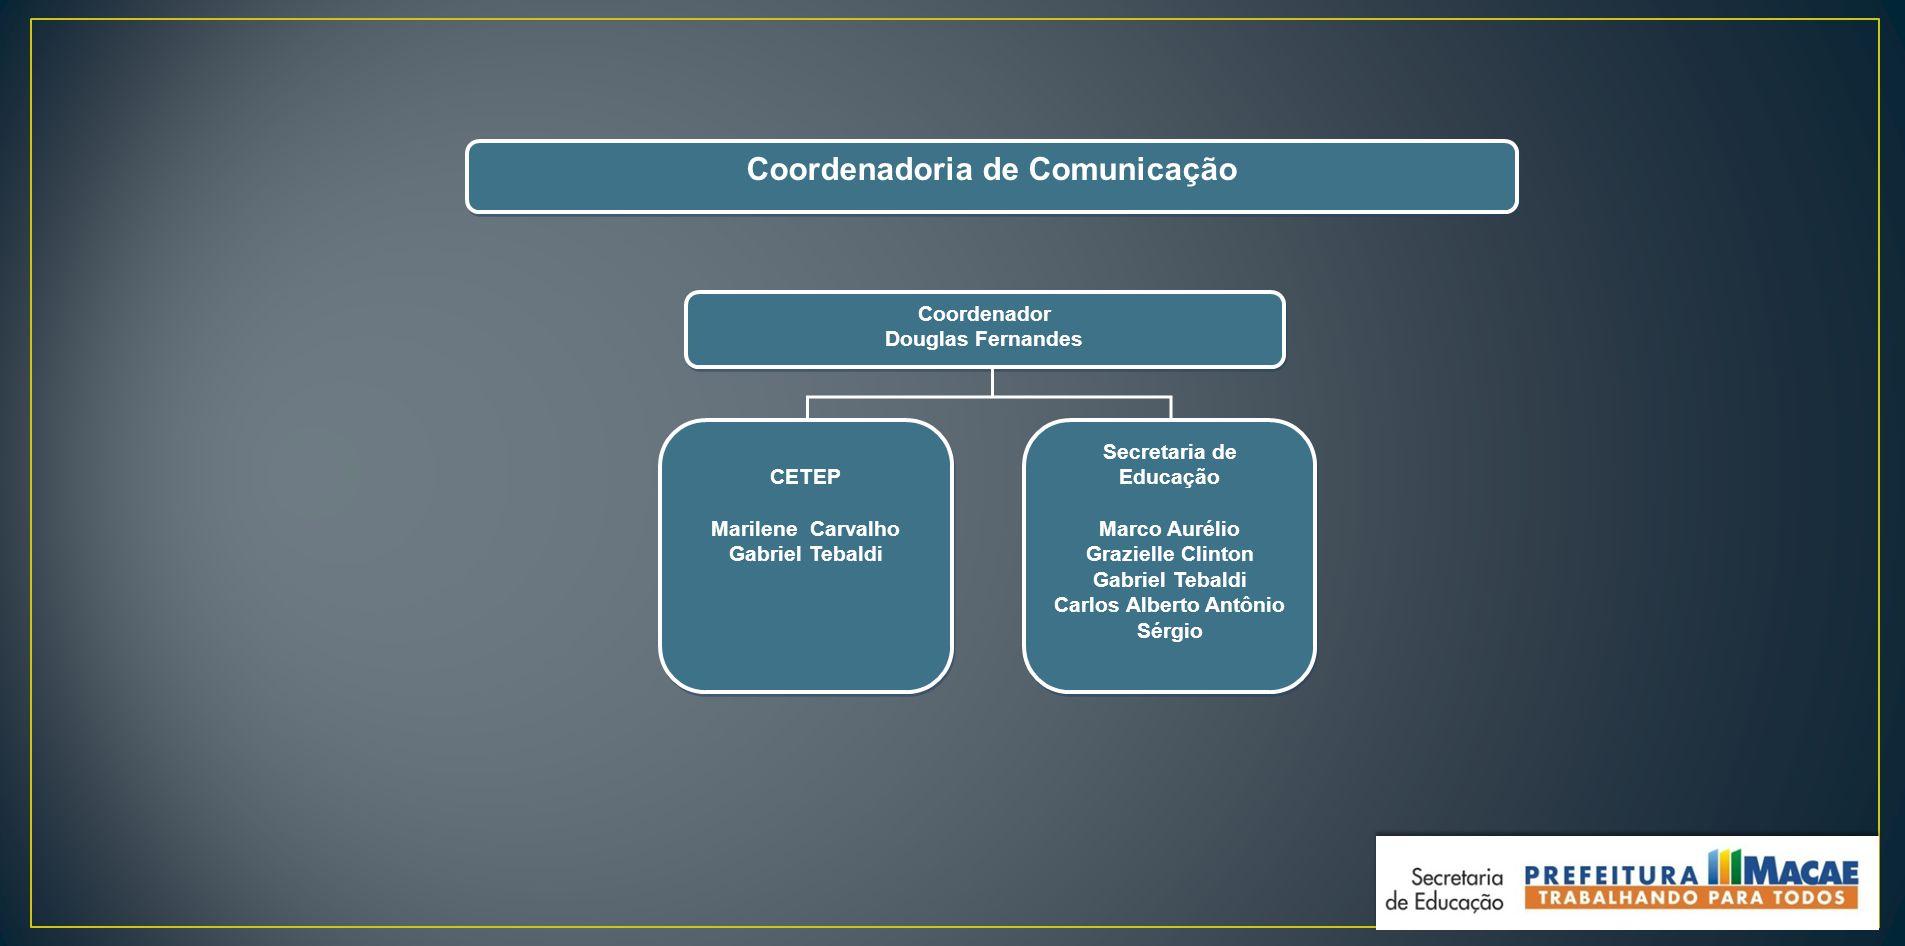 Coordenadoria de Comunicação Secretaria de Educação Marco Aurélio Grazielle Clinton Gabriel Tebaldi Carlos Alberto Antônio Sérgio Secretaria de Educaç